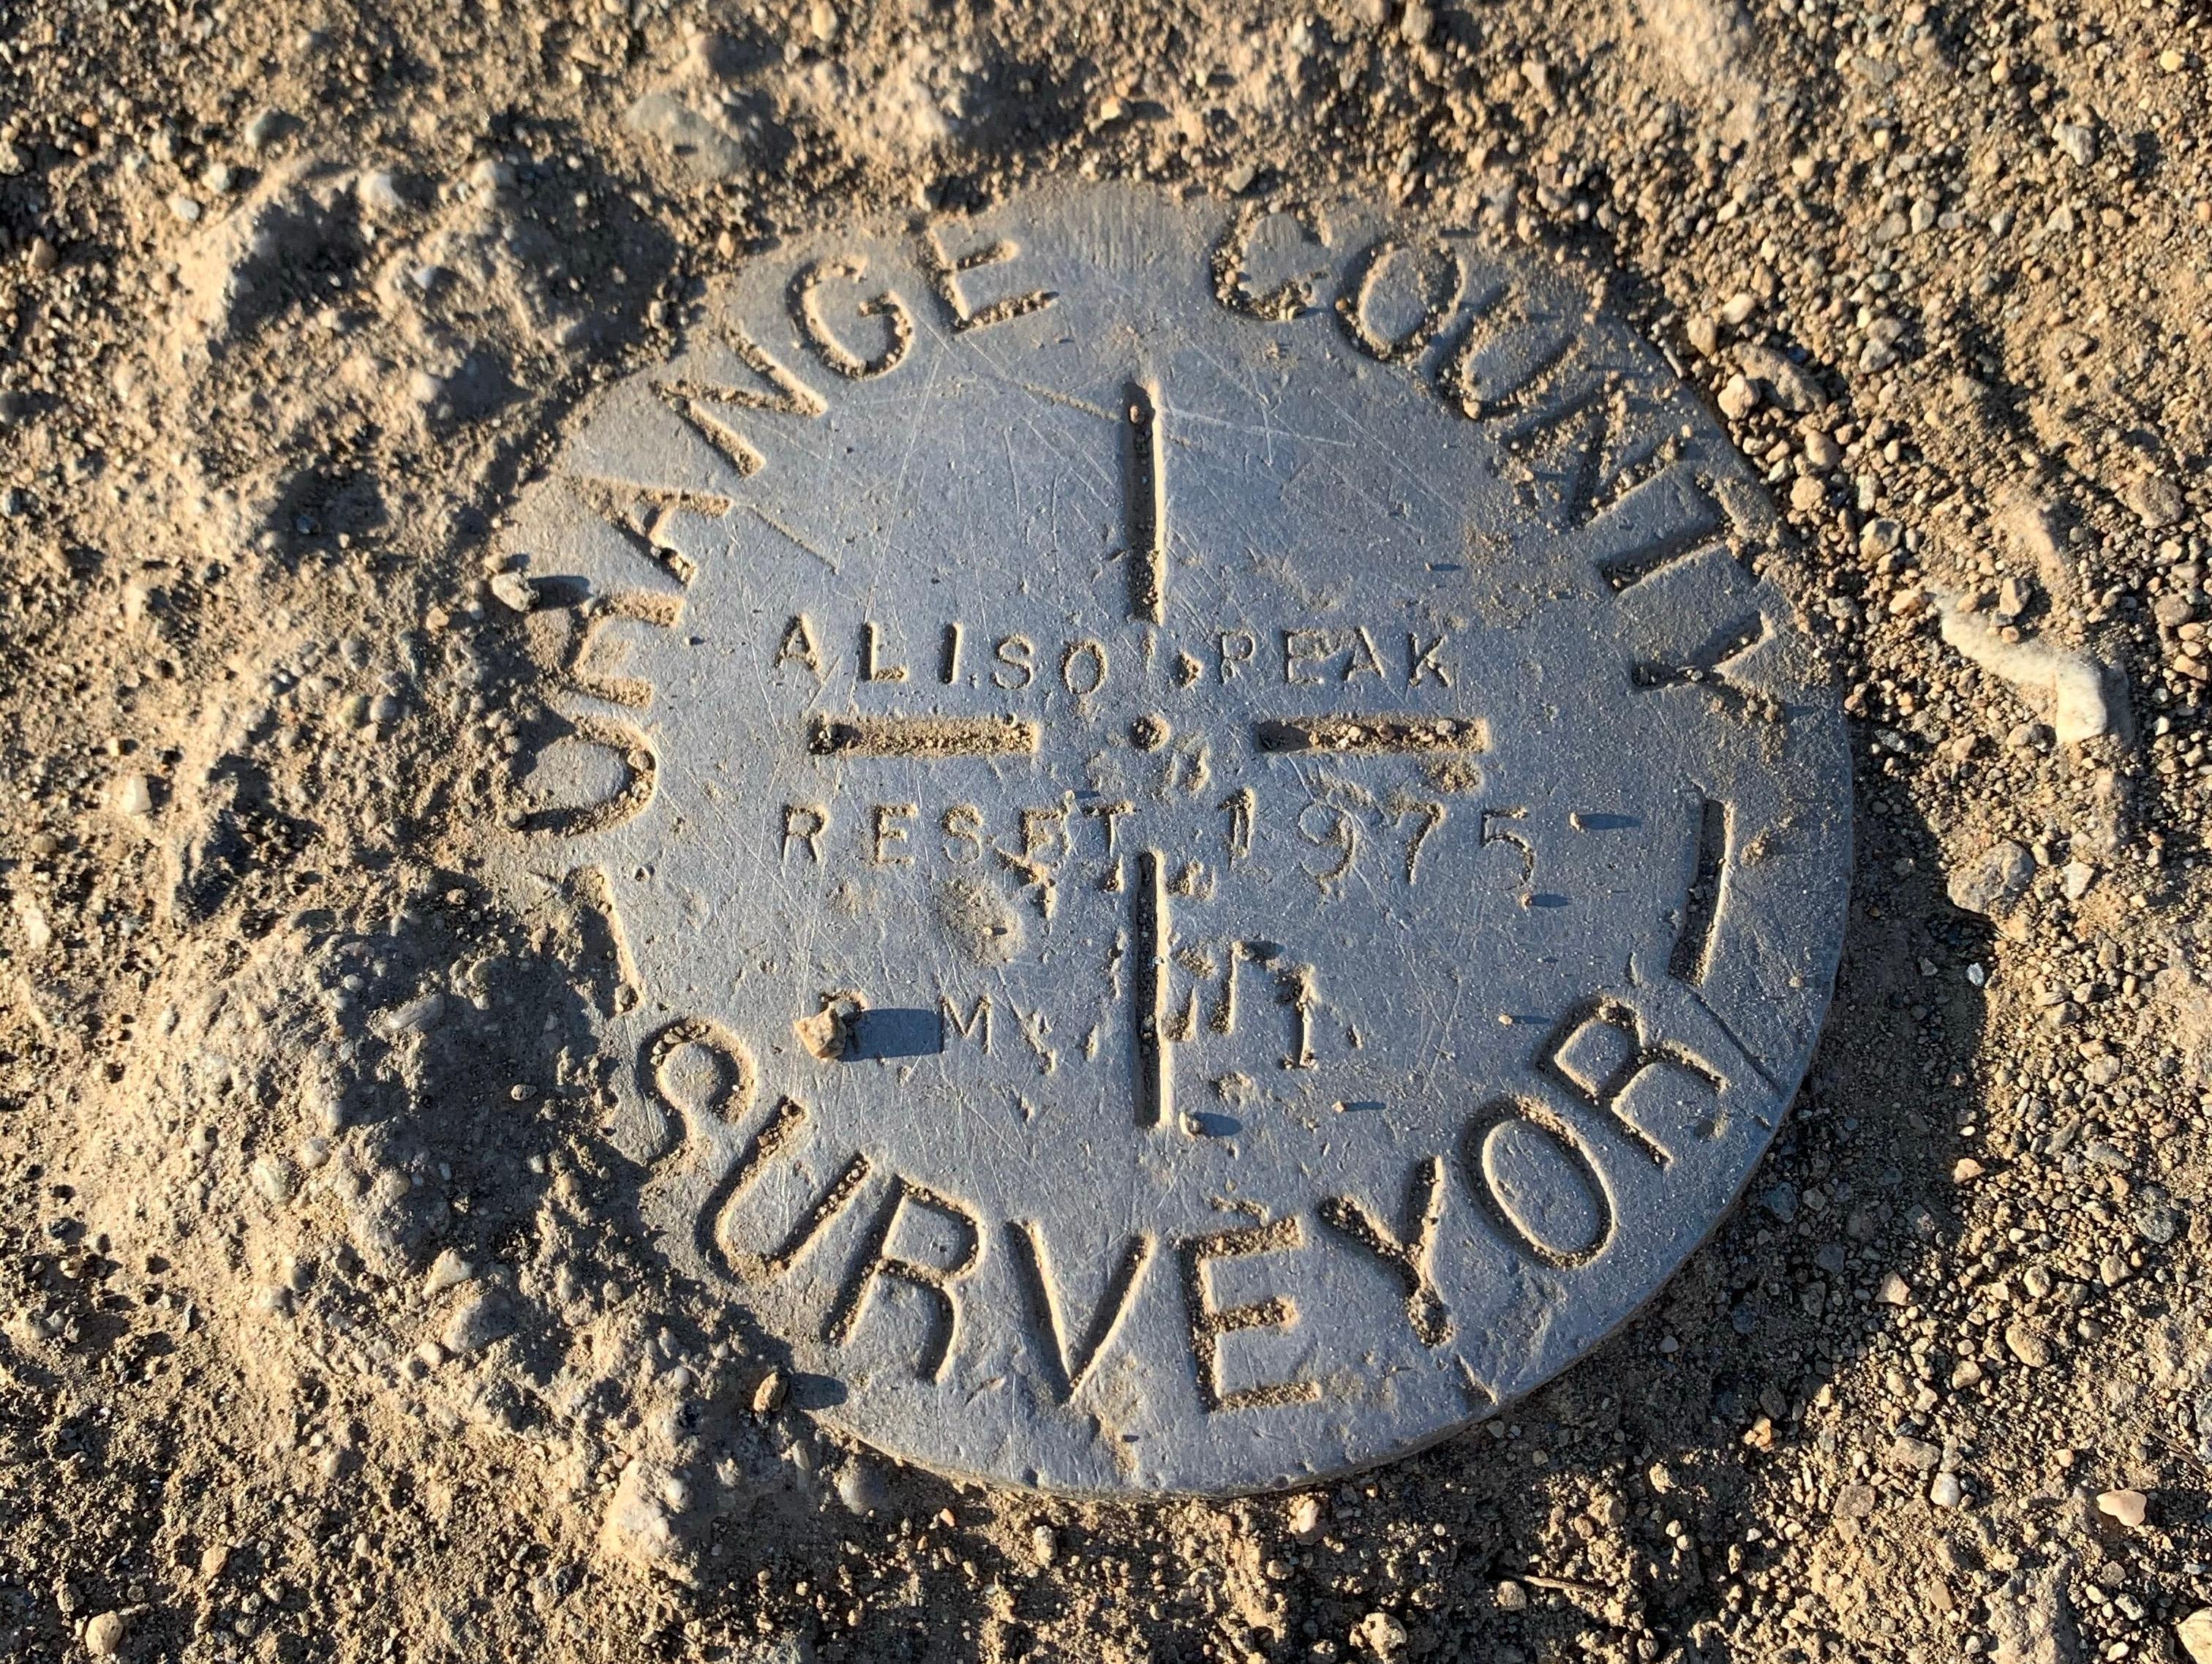 Aliso Summit Marker